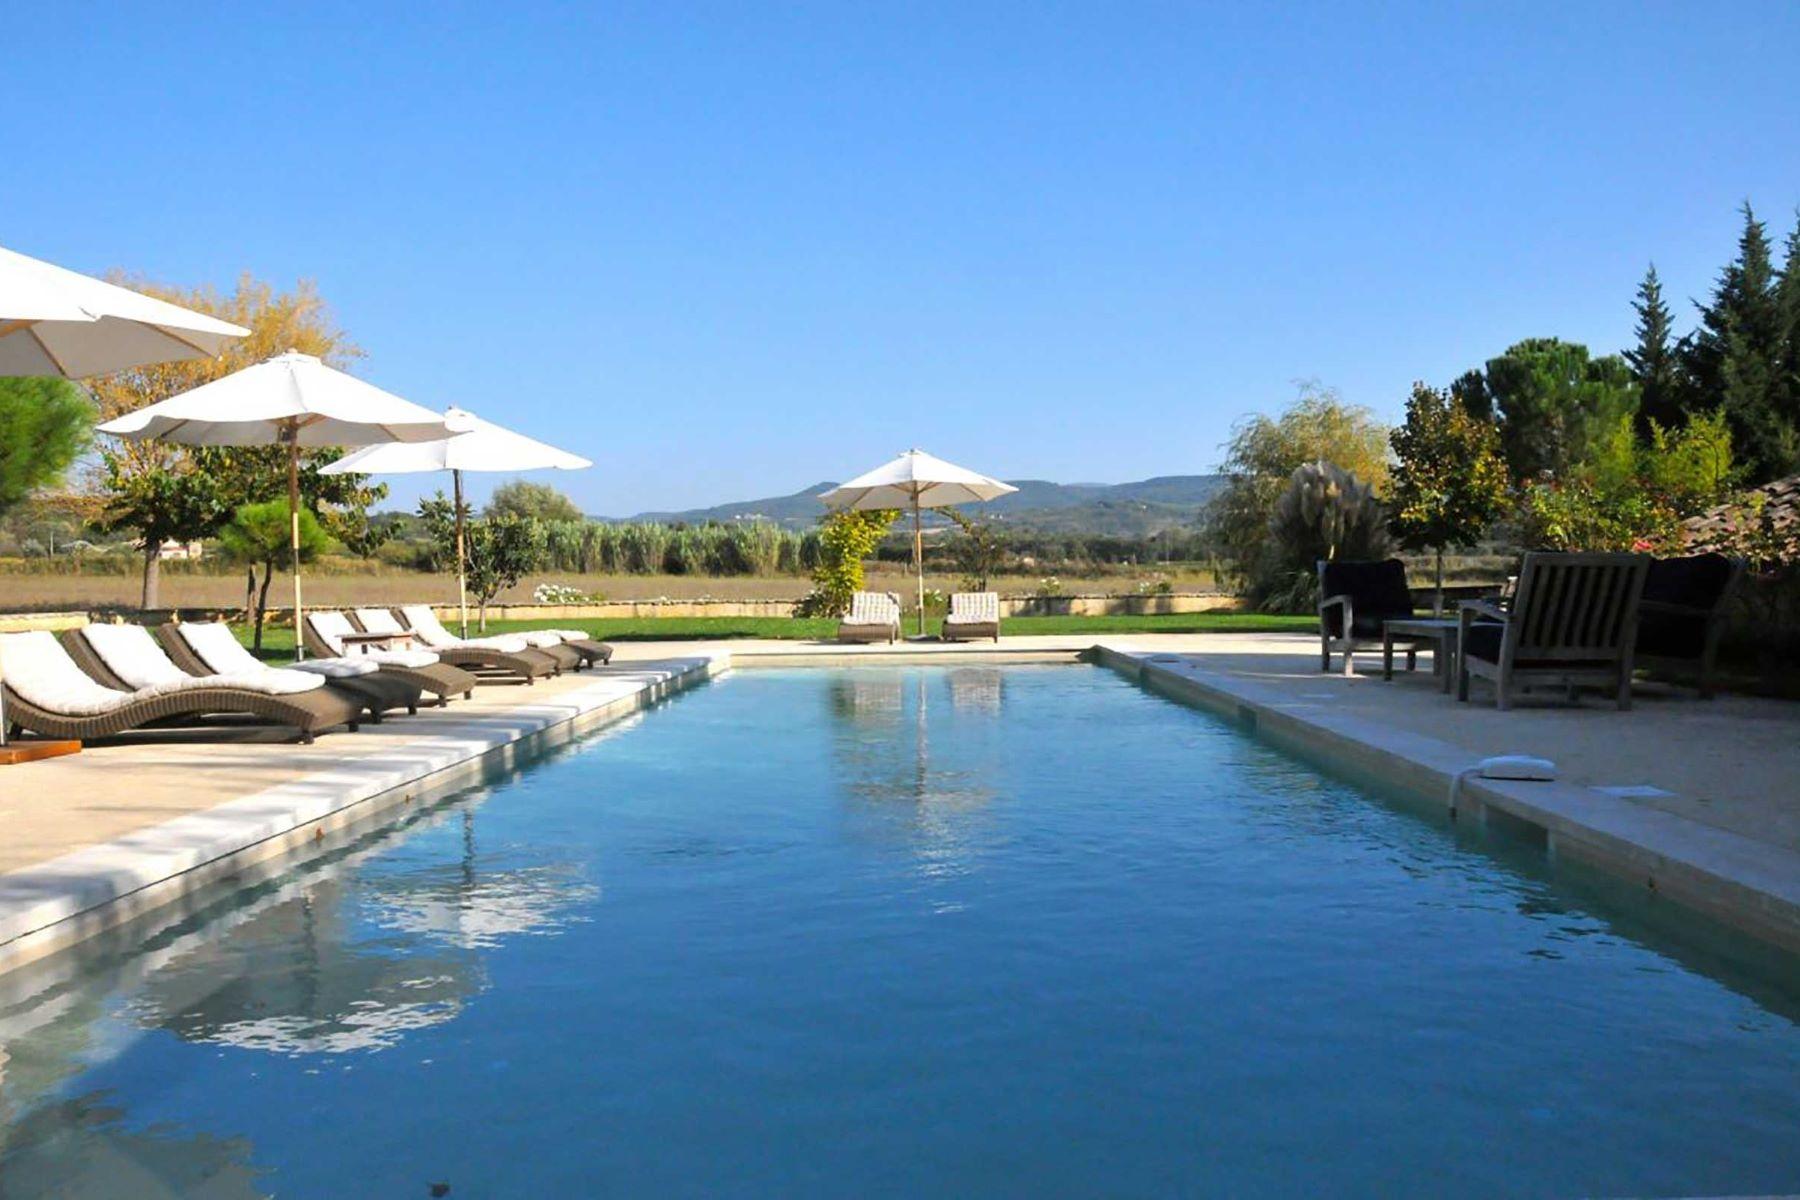 Vivienda unifamiliar por un Alquiler en Bonnieux – Luxury Mas for rent 262m2 with 6 Bedrooms Bonnieux, Provincia - Alpes - Costa Azul, 84480 Francia